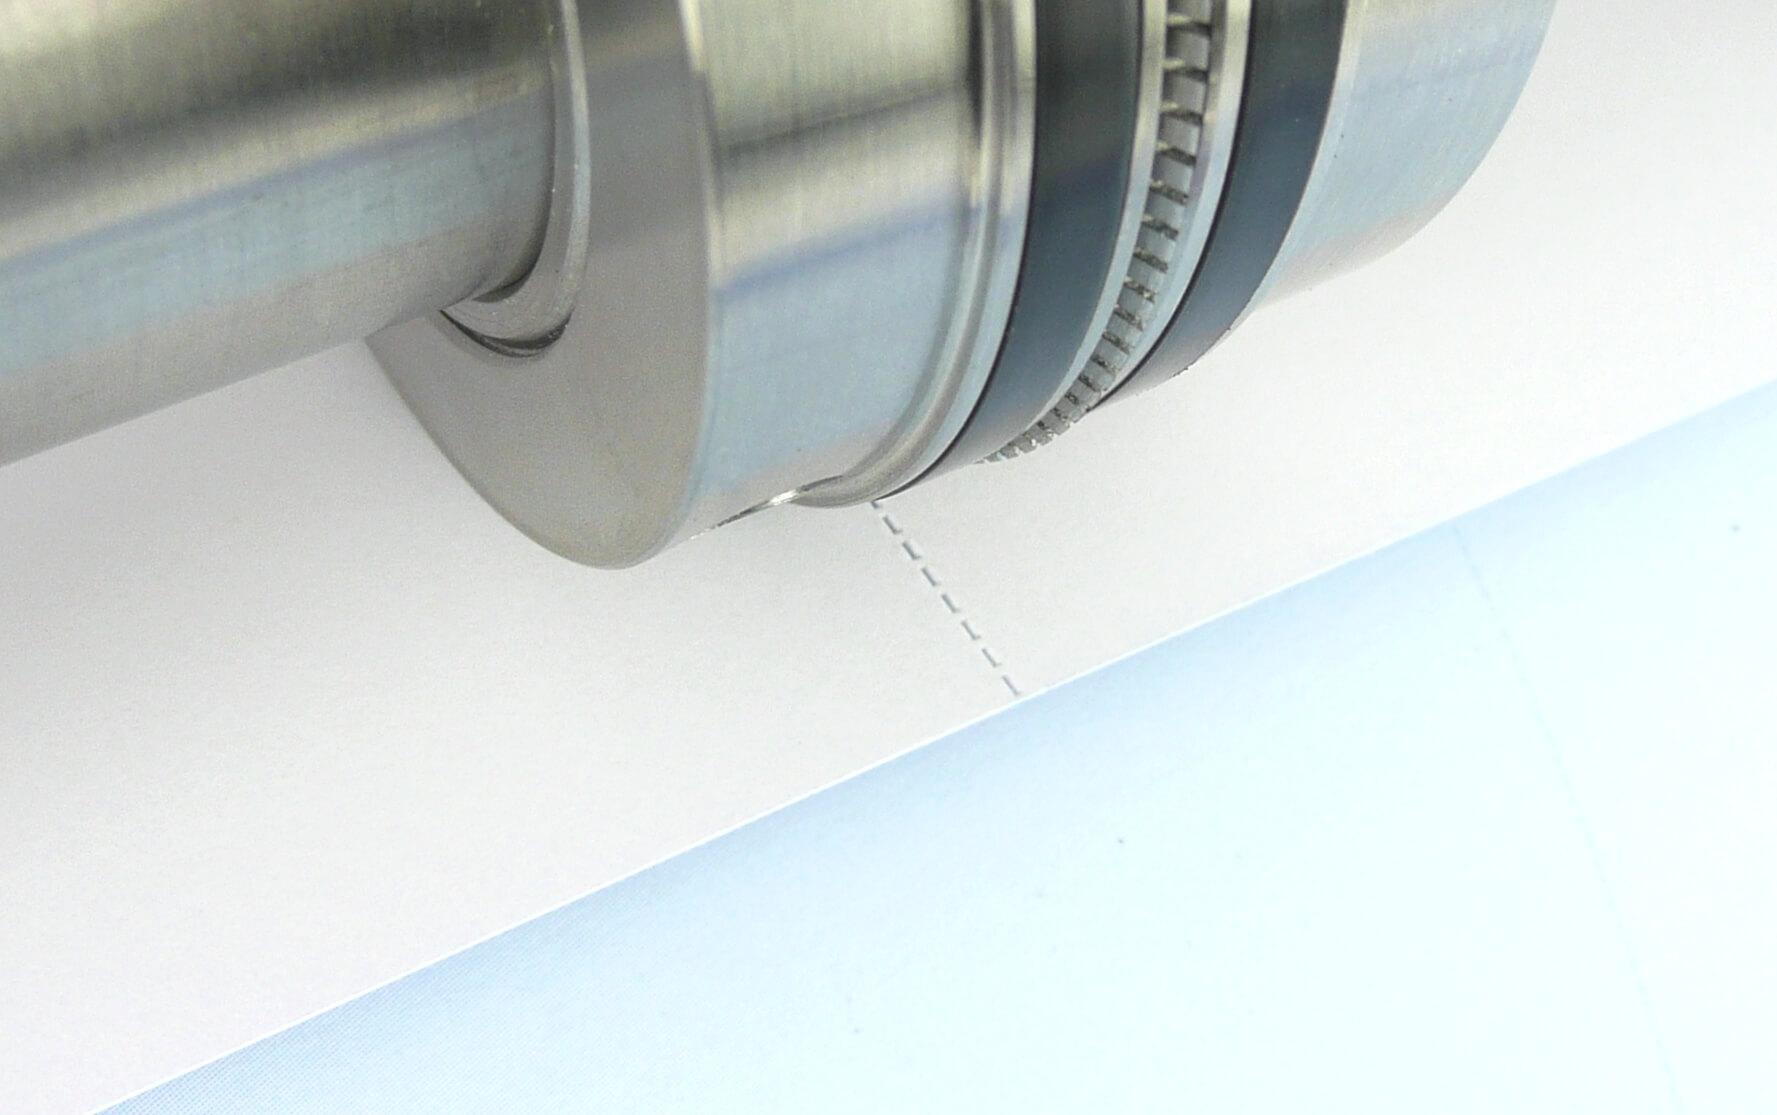 micro perforating machine